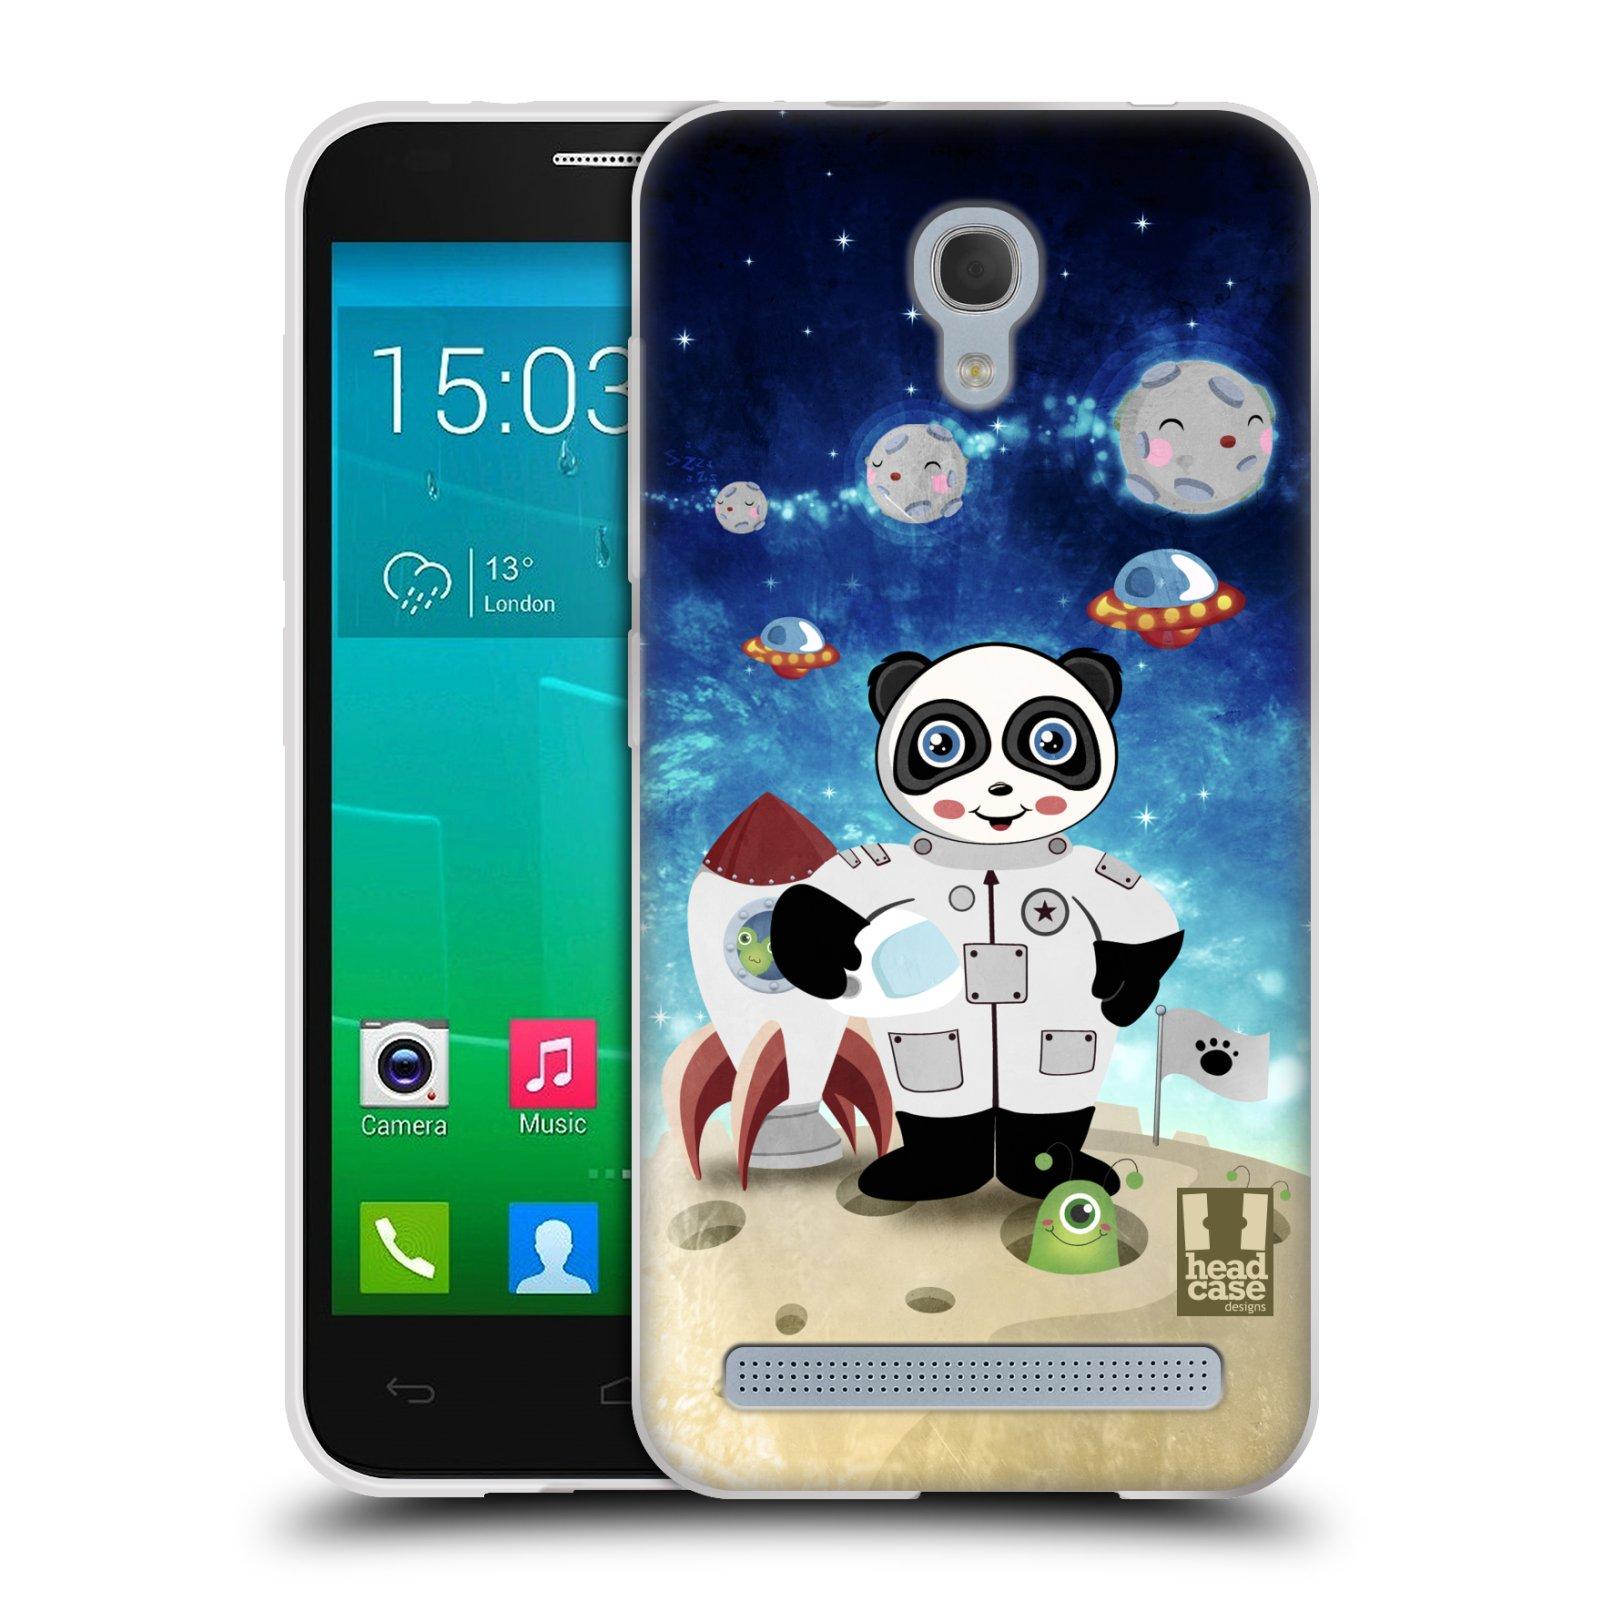 HEAD CASE silikonový obal na mobil Alcatel Idol 2 MINI S 6036Y vzor Zvířecí astronauti vetřelec